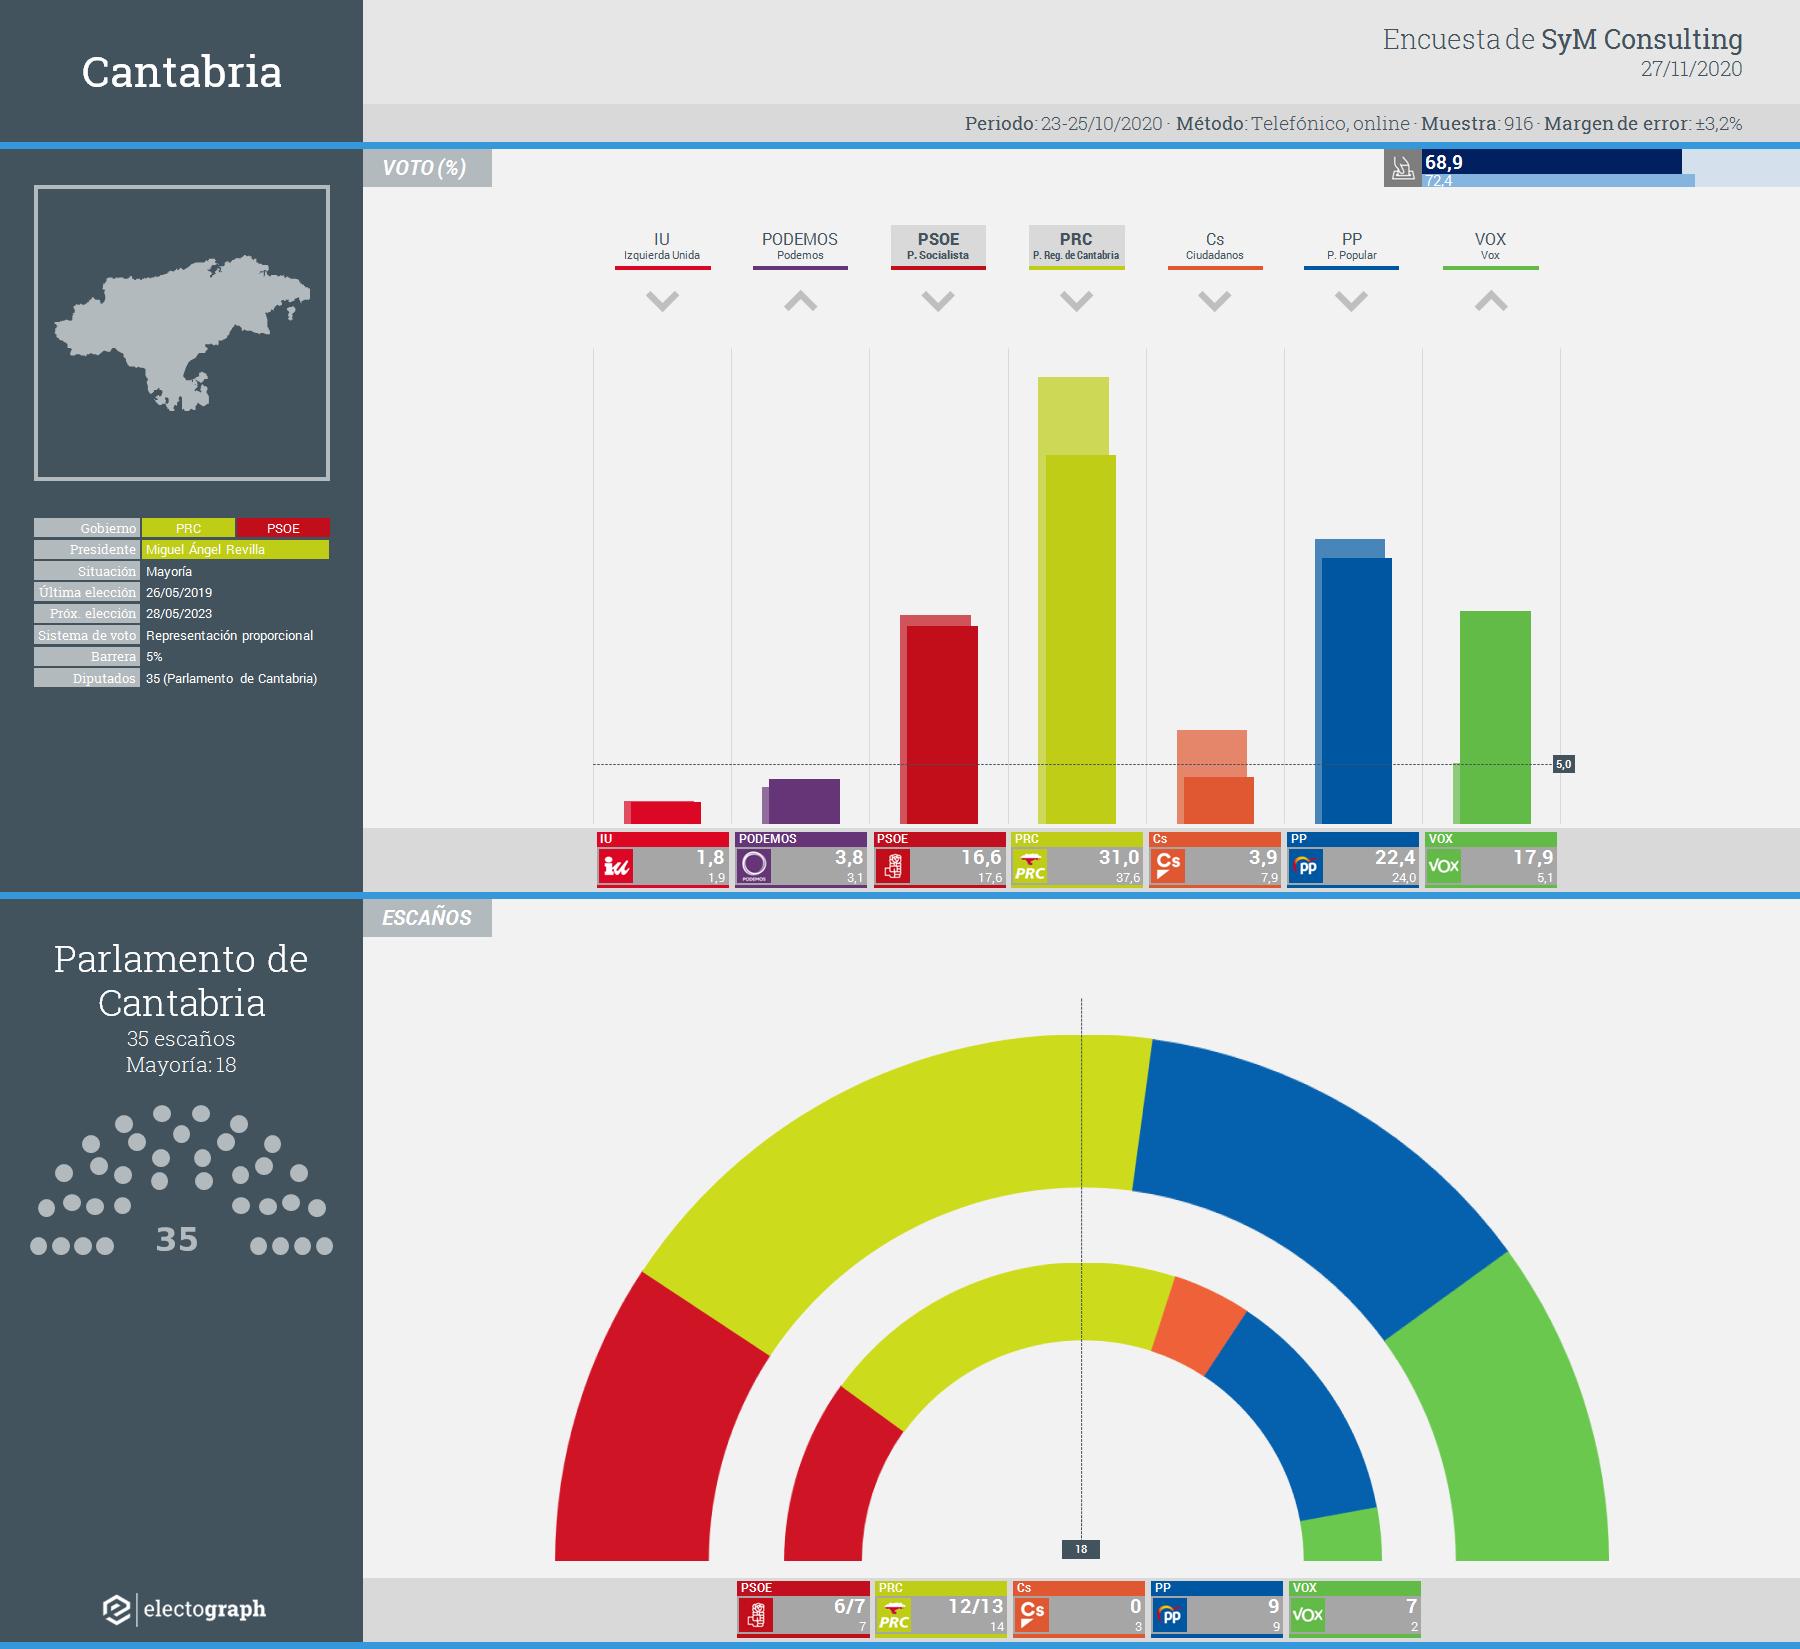 Gráfico de la encuesta para elecciones autonómicas en Cantabria realizada por SyM Consulting, 14 de mayo de 2020